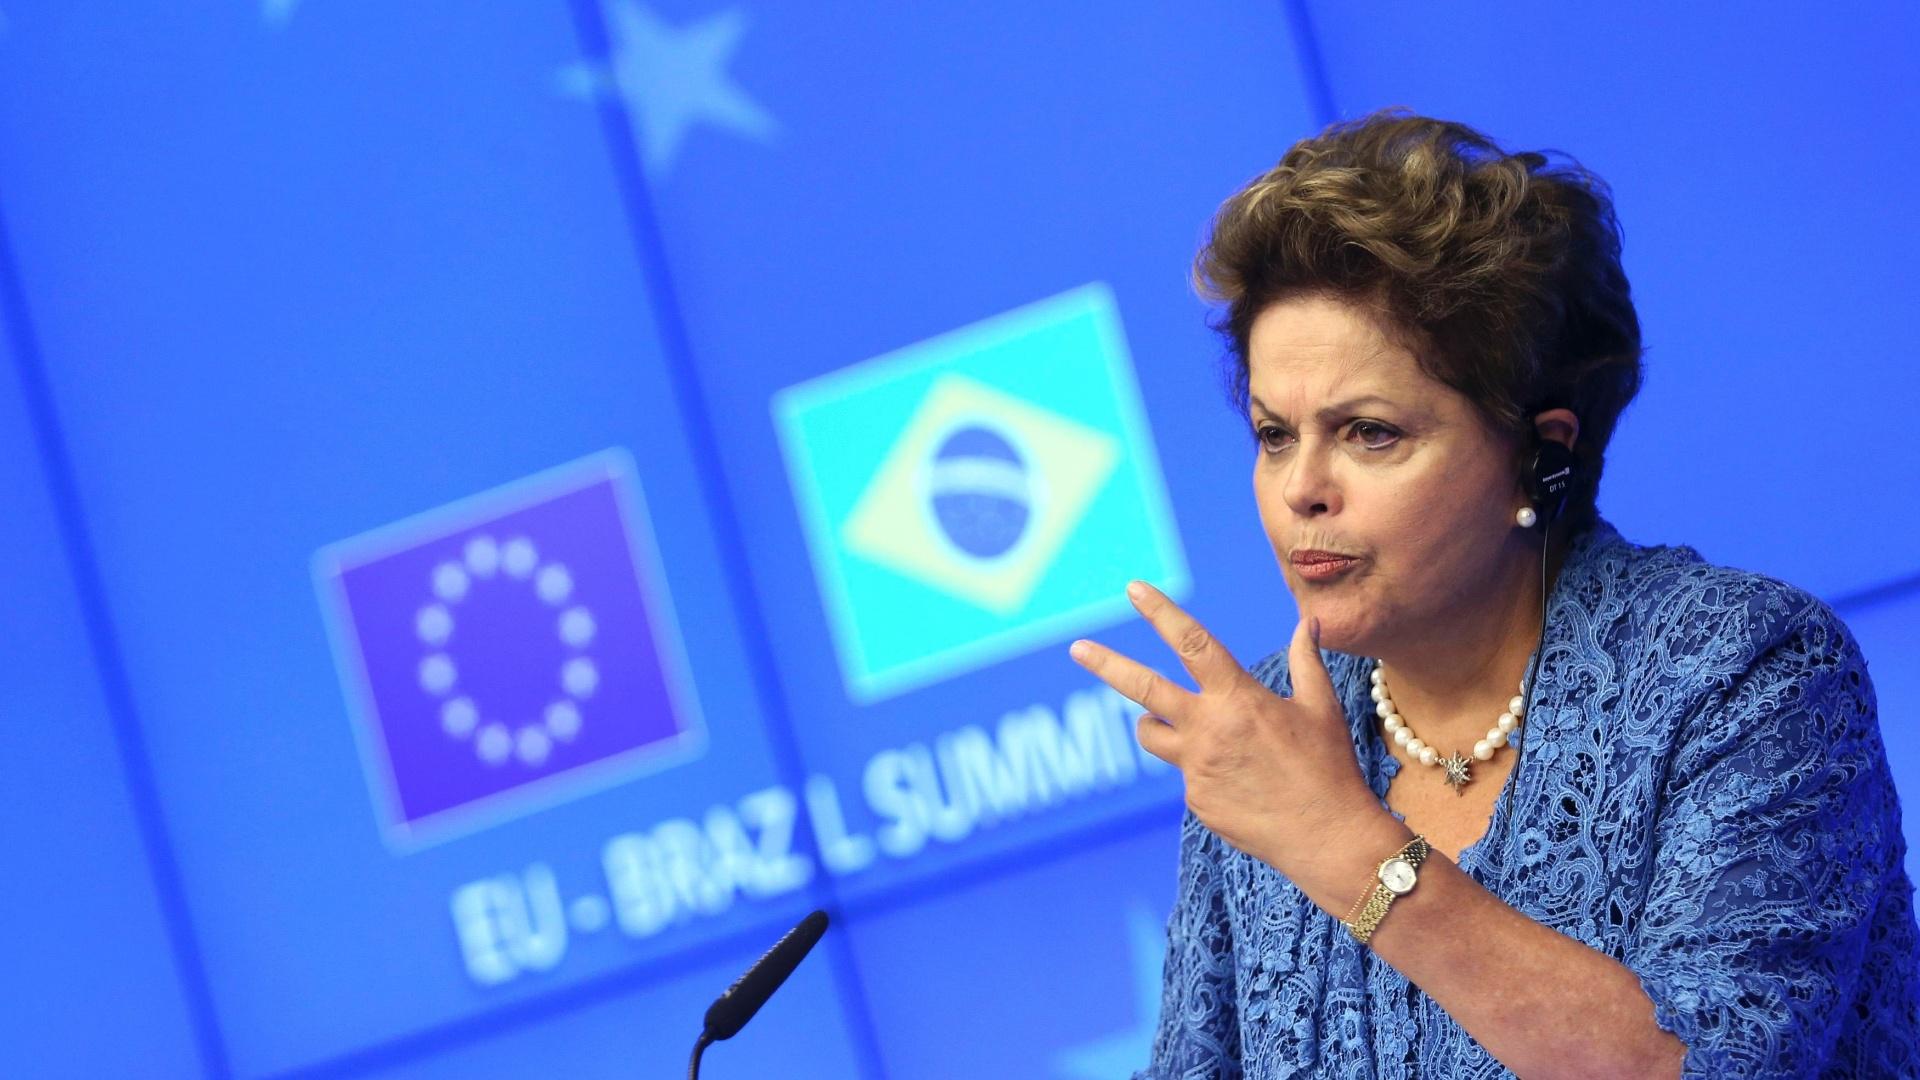 24.fev.2014 - A presidente Dilma Rousseff faz discurso durante encontro entre representantes de Brasil e União Europeia em Bruxelas, na Bélgica